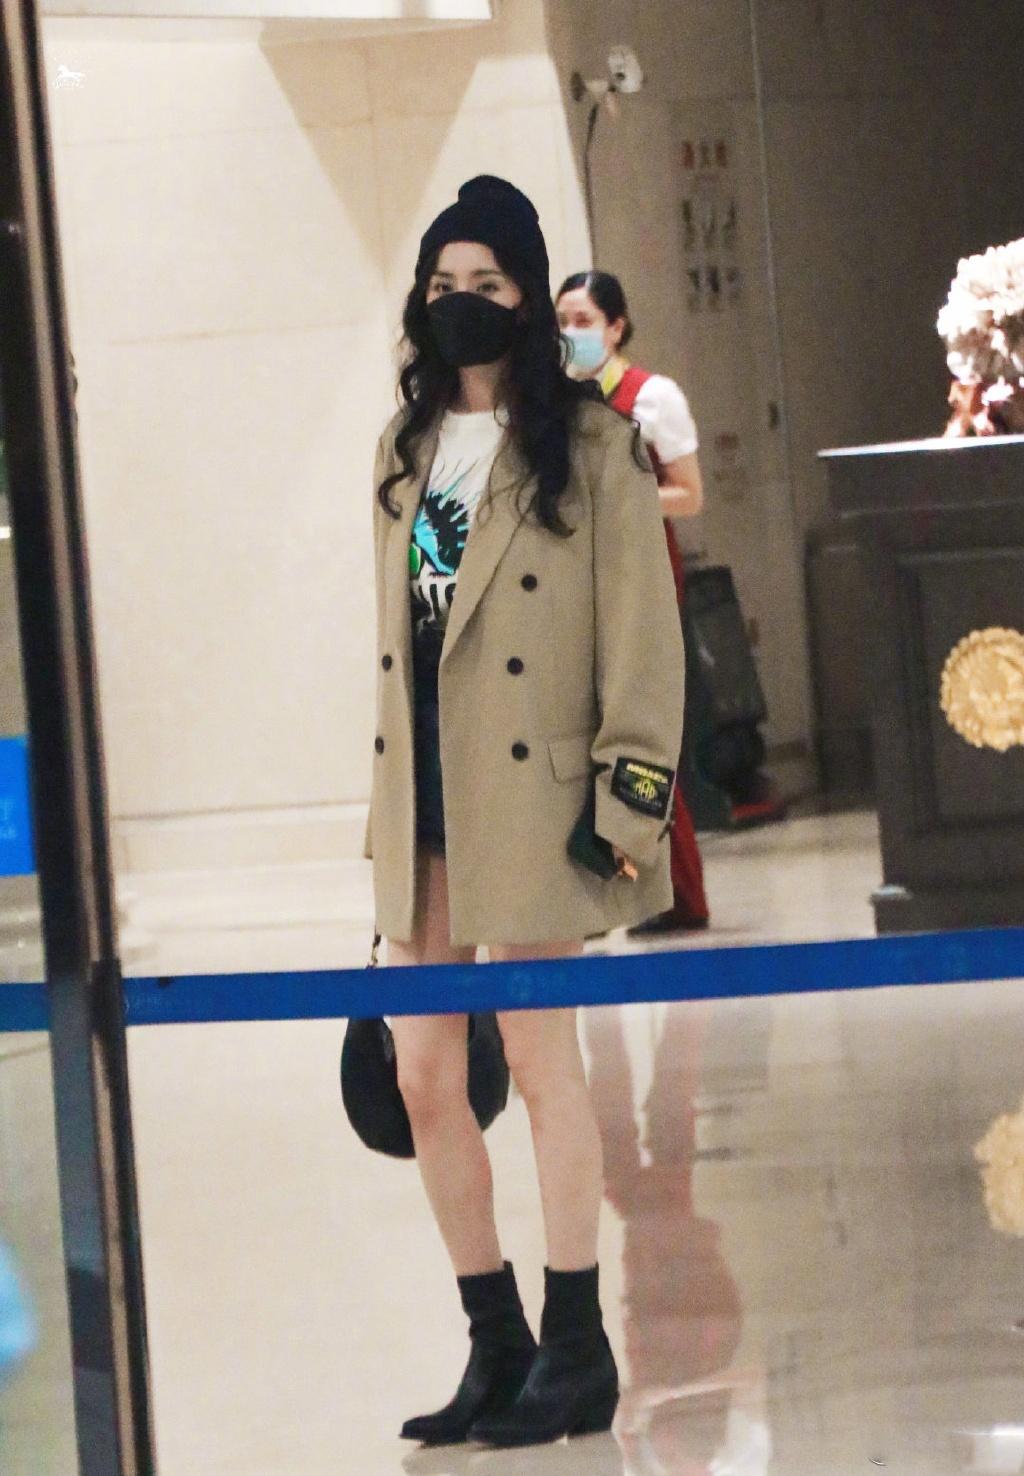 杨幂的机场私服,身着卡其色风衣搭配白T与牛仔短裤